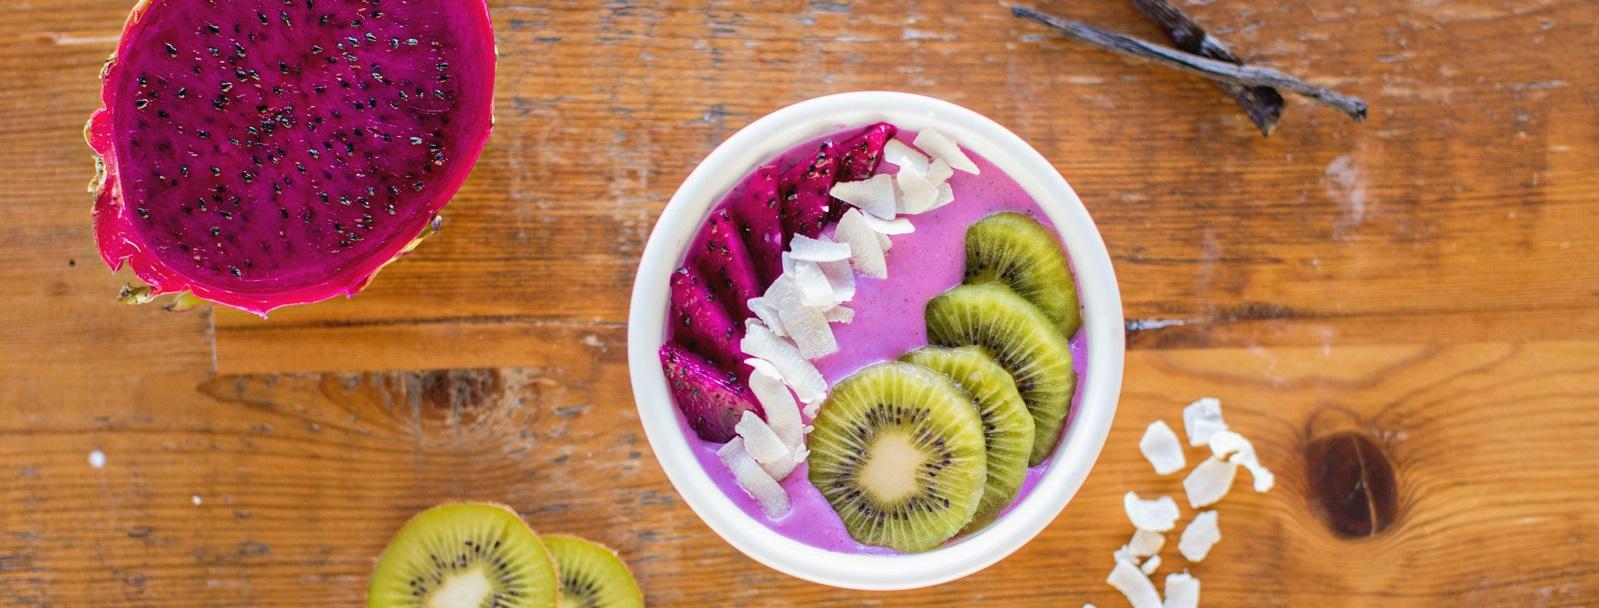 Dragon Fruit Smoothie Bowl Recipe